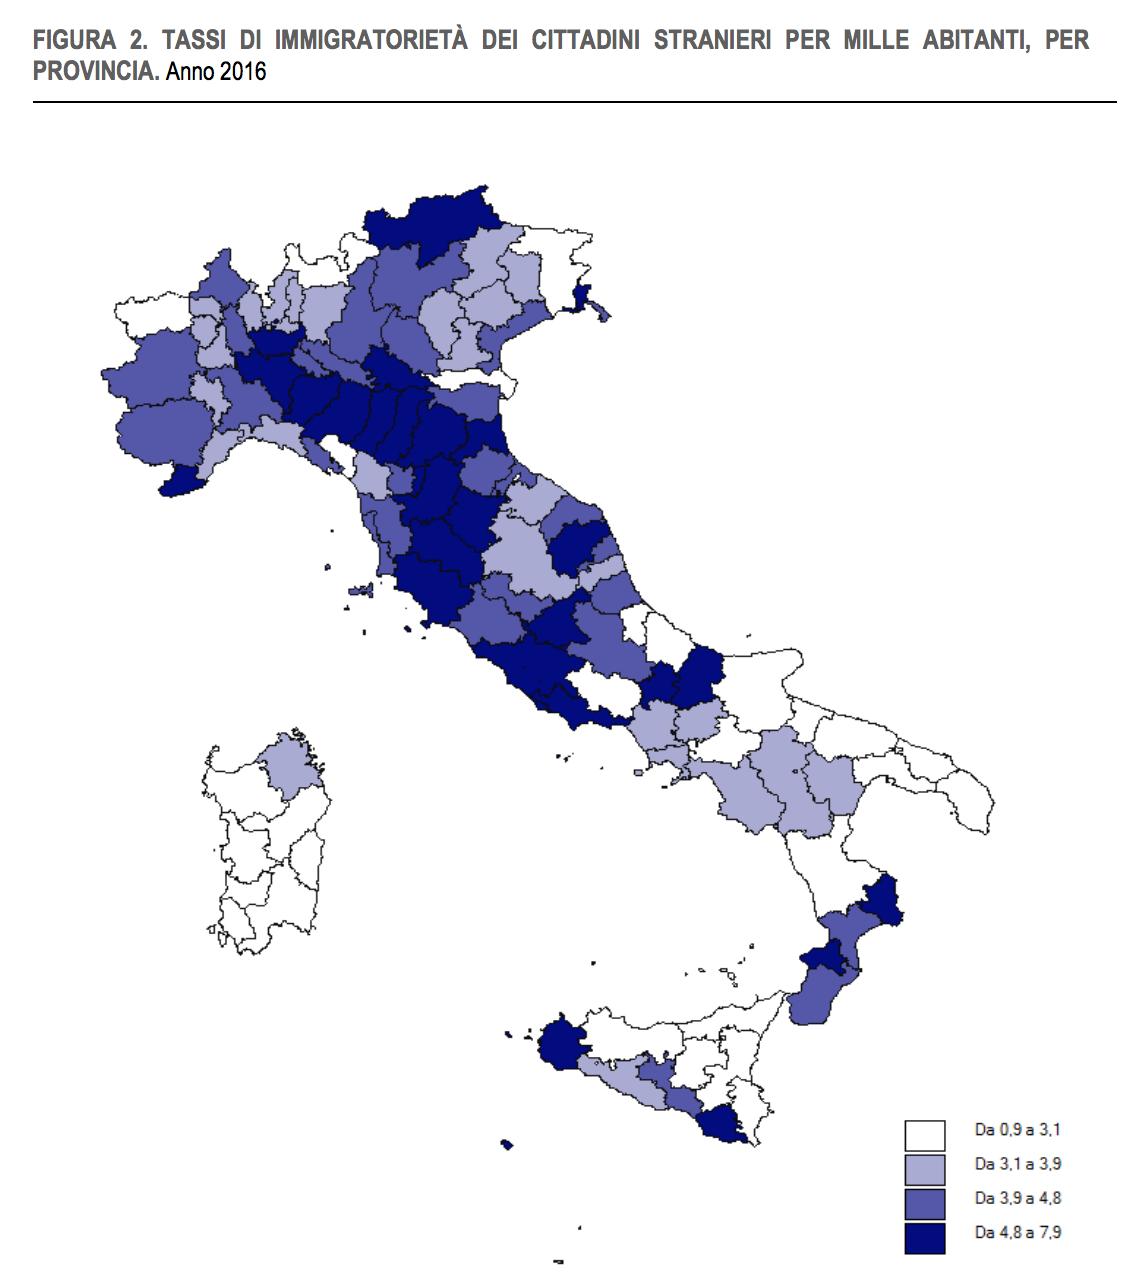 06 - le regioni italiane con il maggior tasso di immigrazione